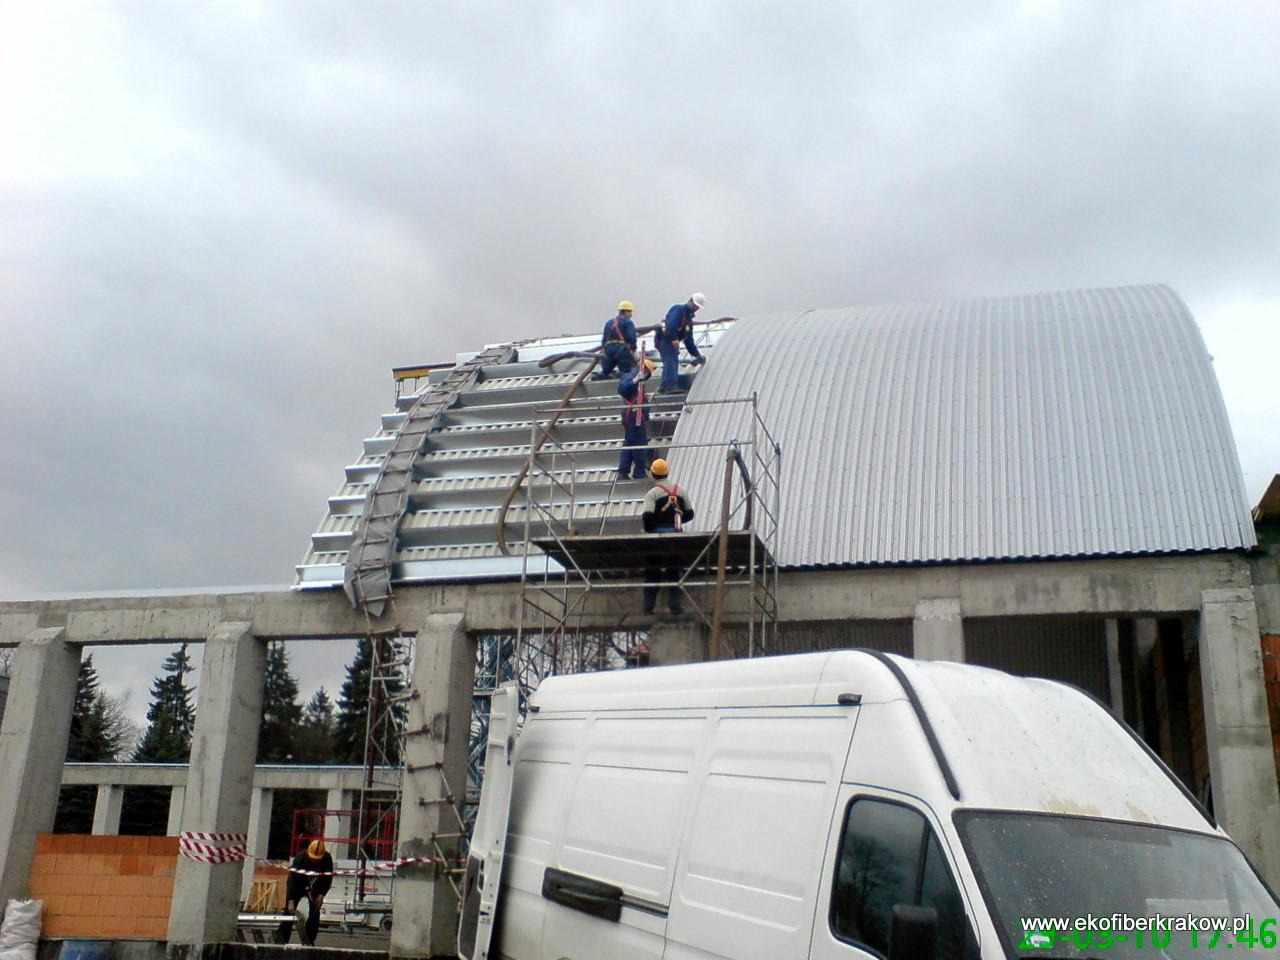 Prace przy konstrukcji i ocieplaniu hali granulatem Ekofiber